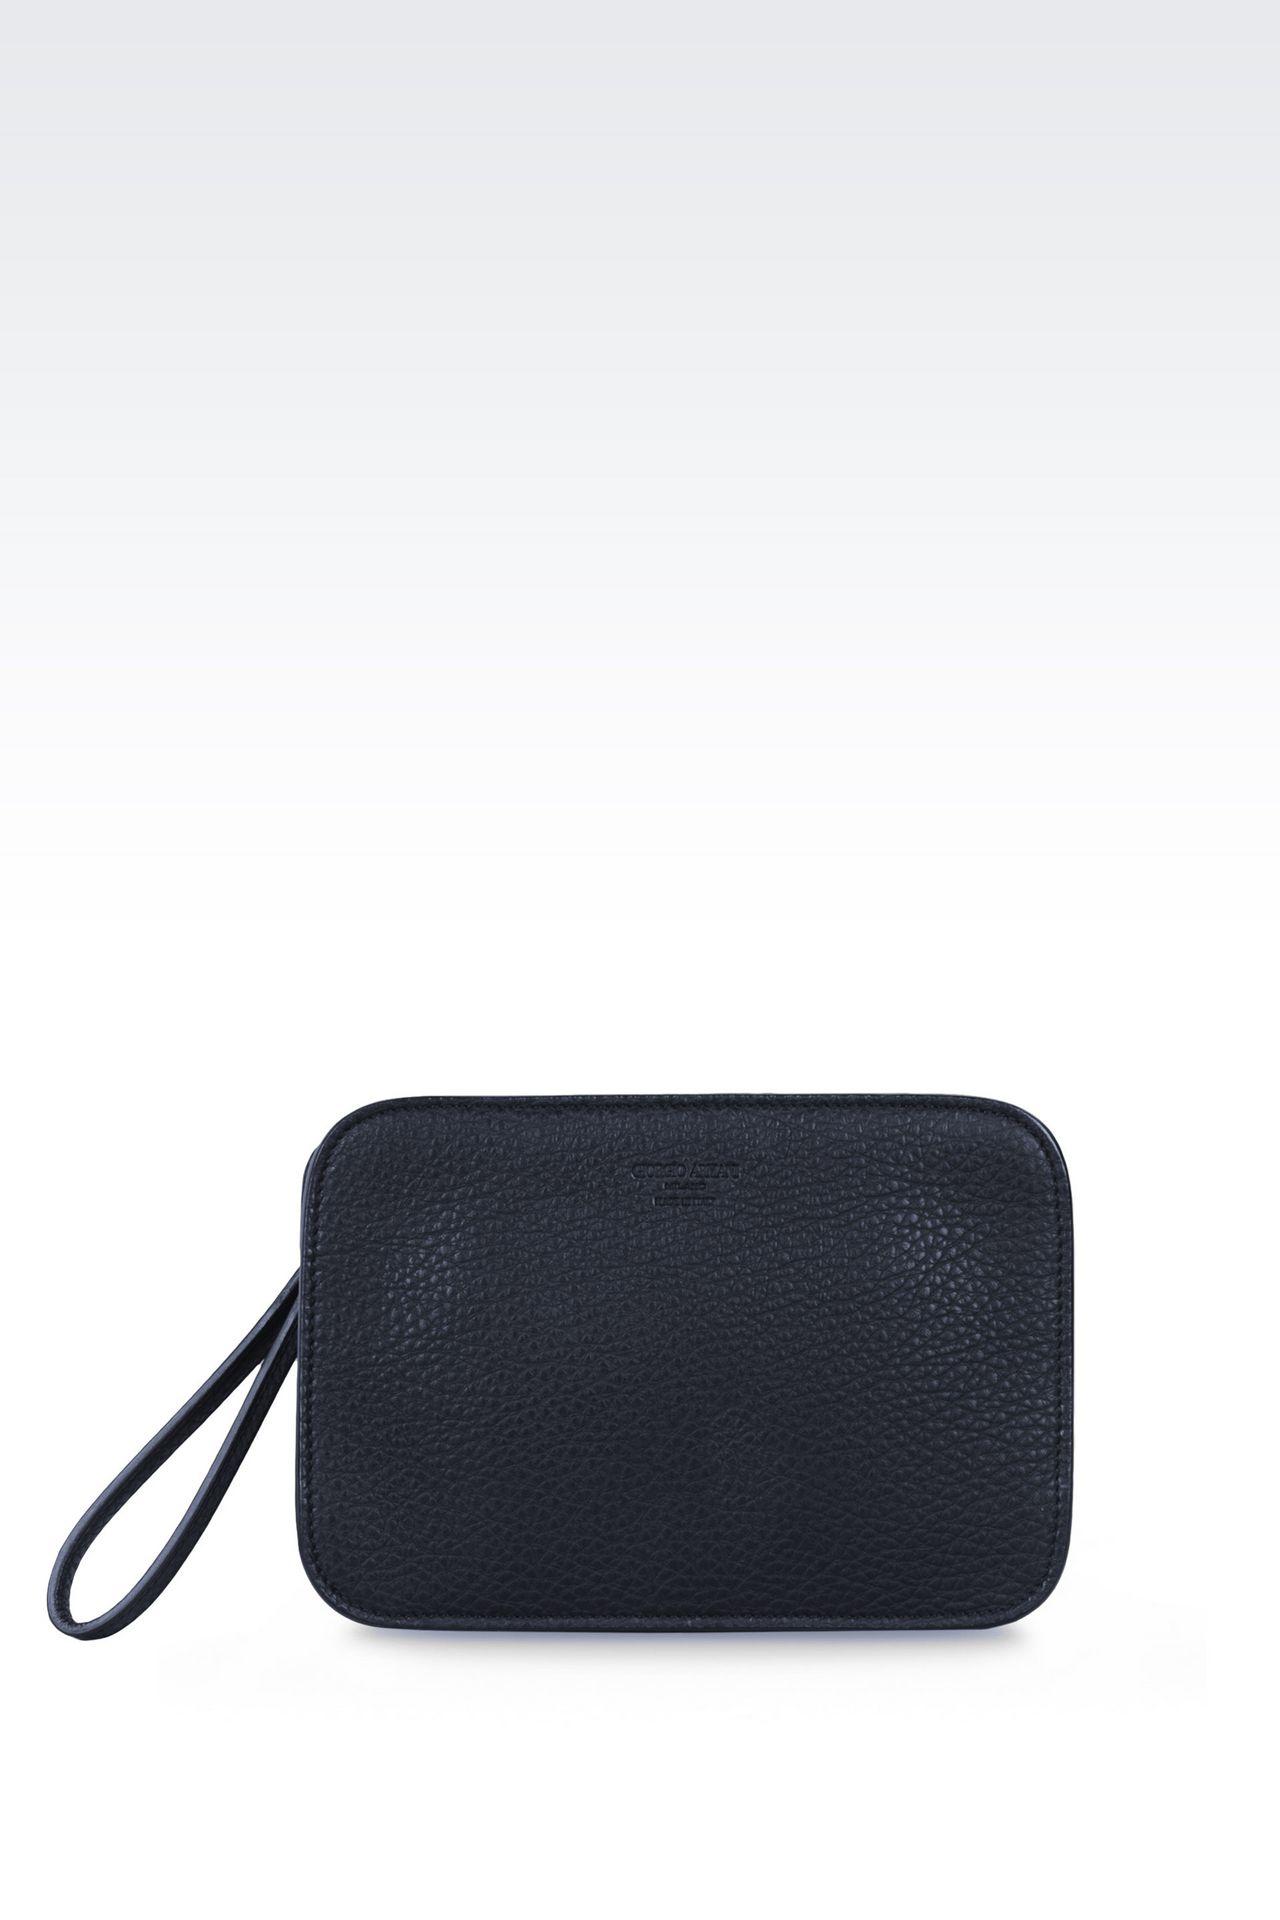 タンブルドカーフスキン製のマネーバッグです: マネーバッグ メンズ by Armani - 0